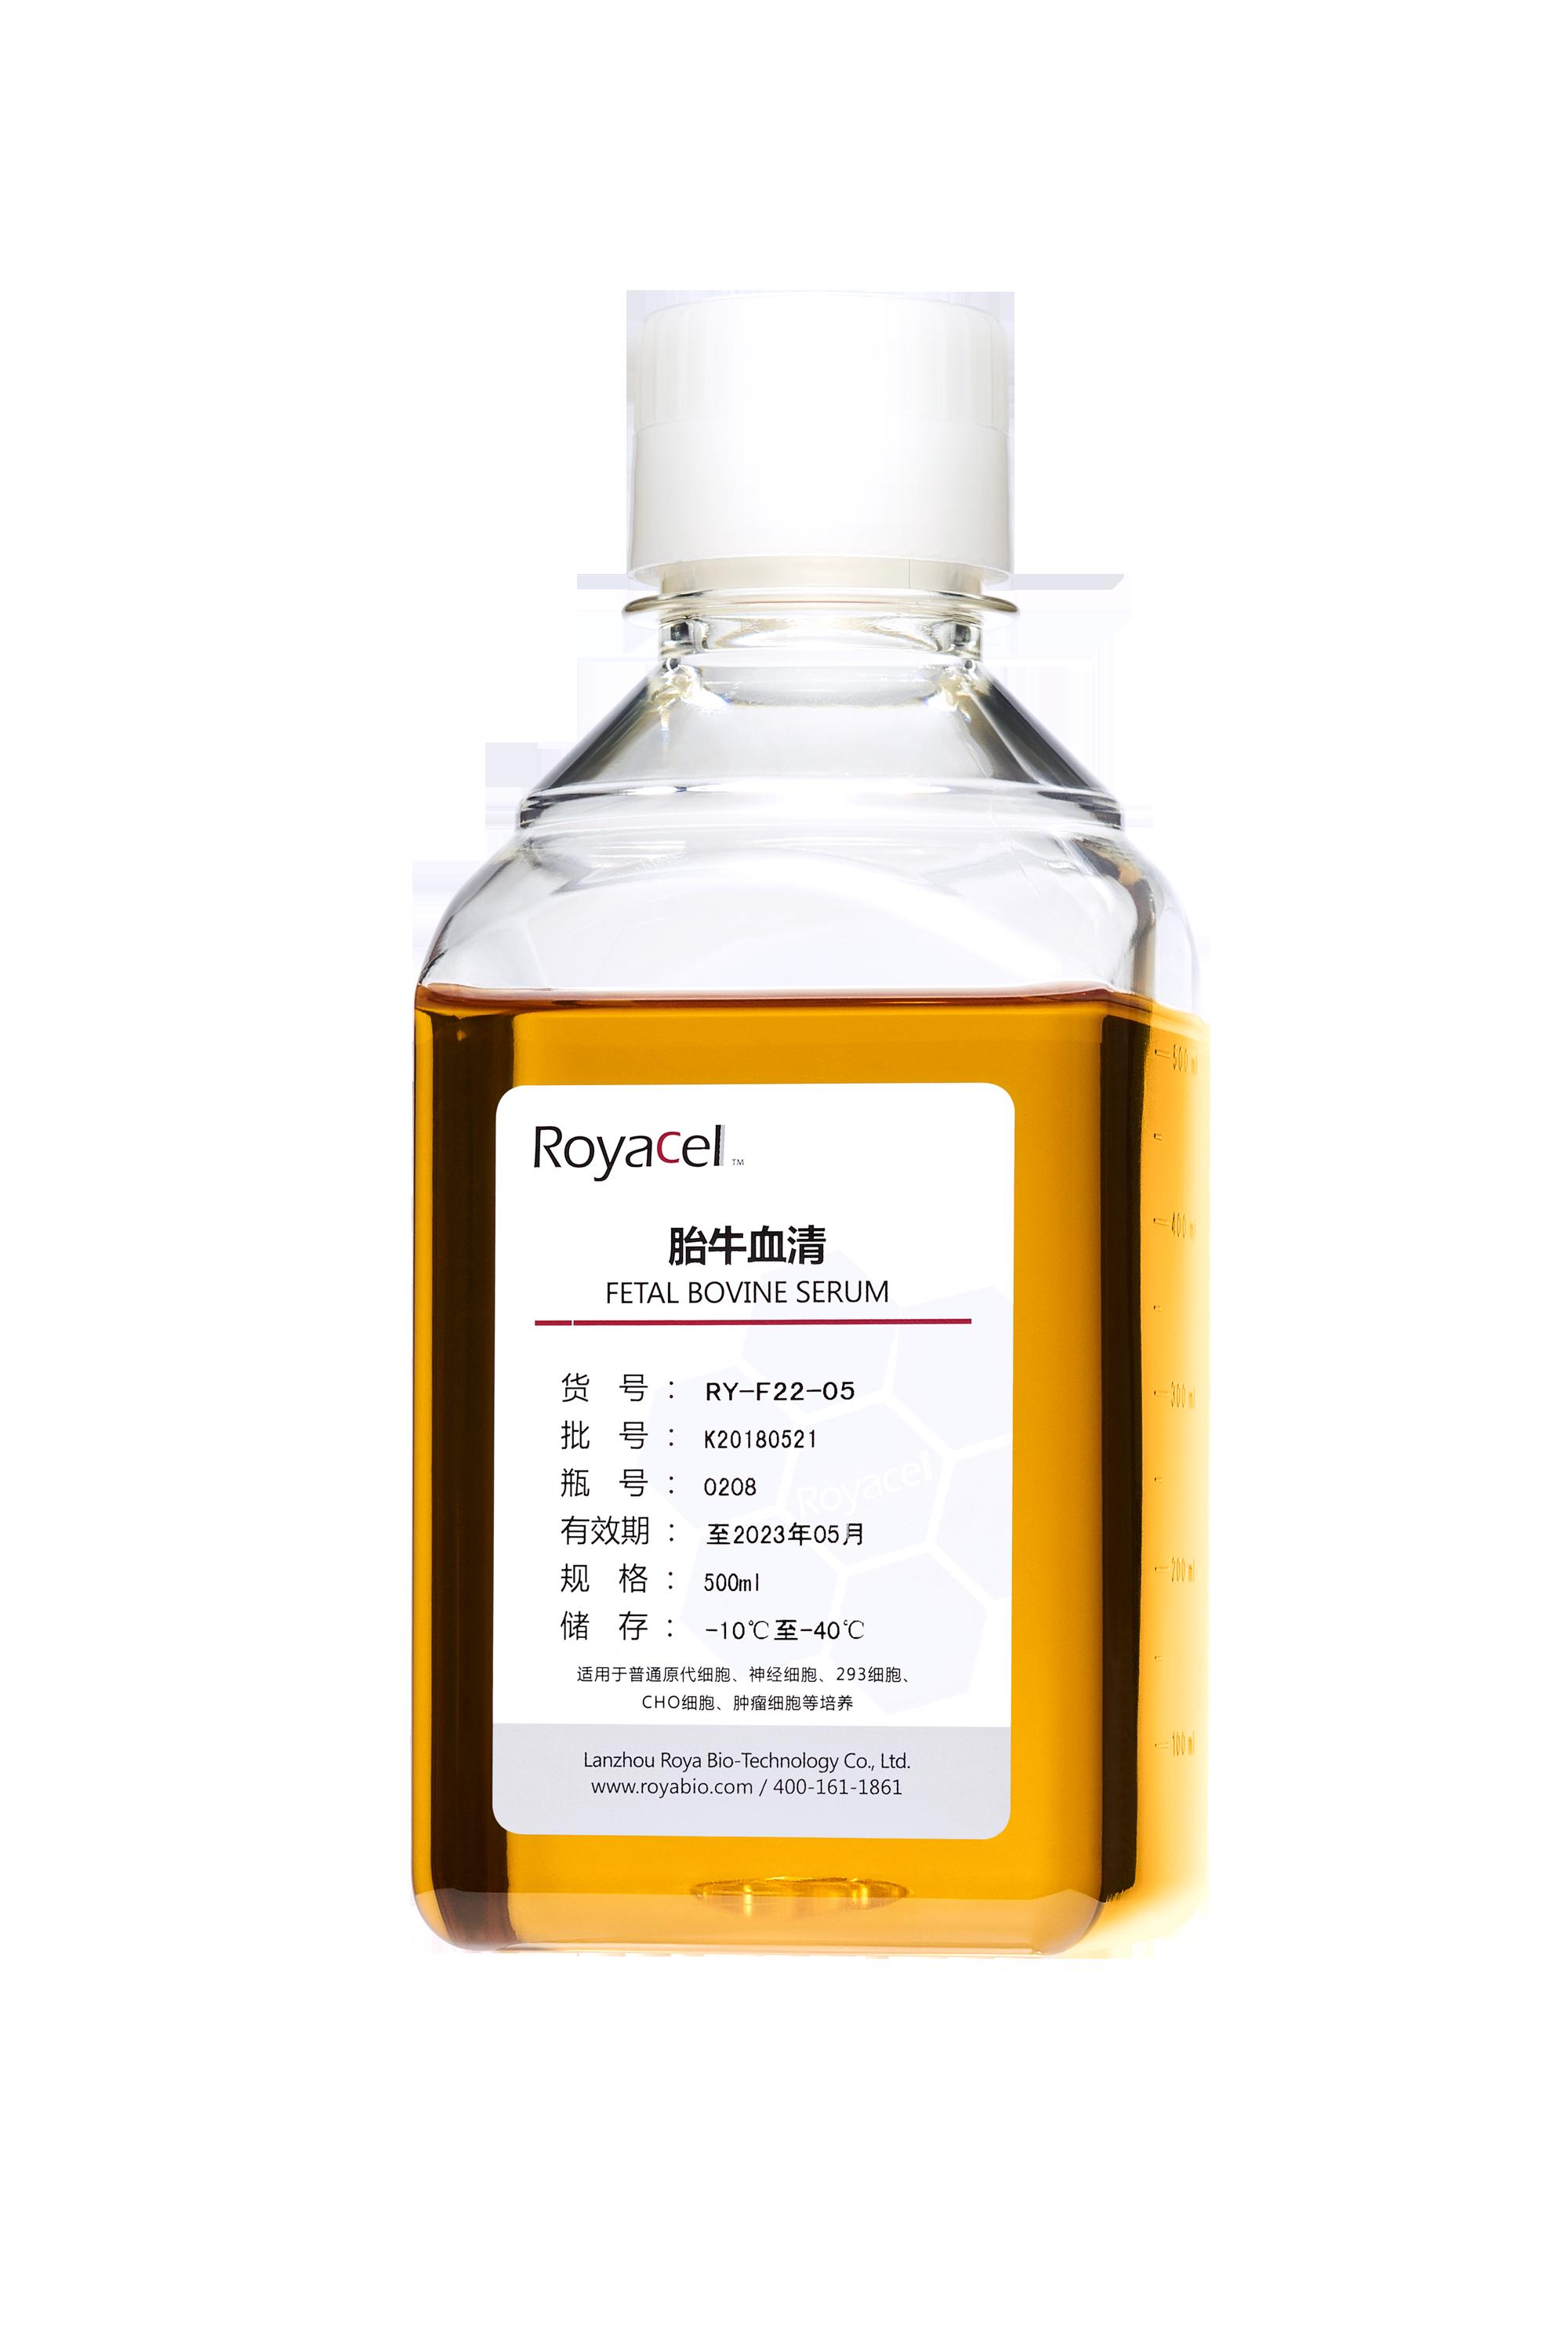 荣晔生物-Royacel 胎牛血清